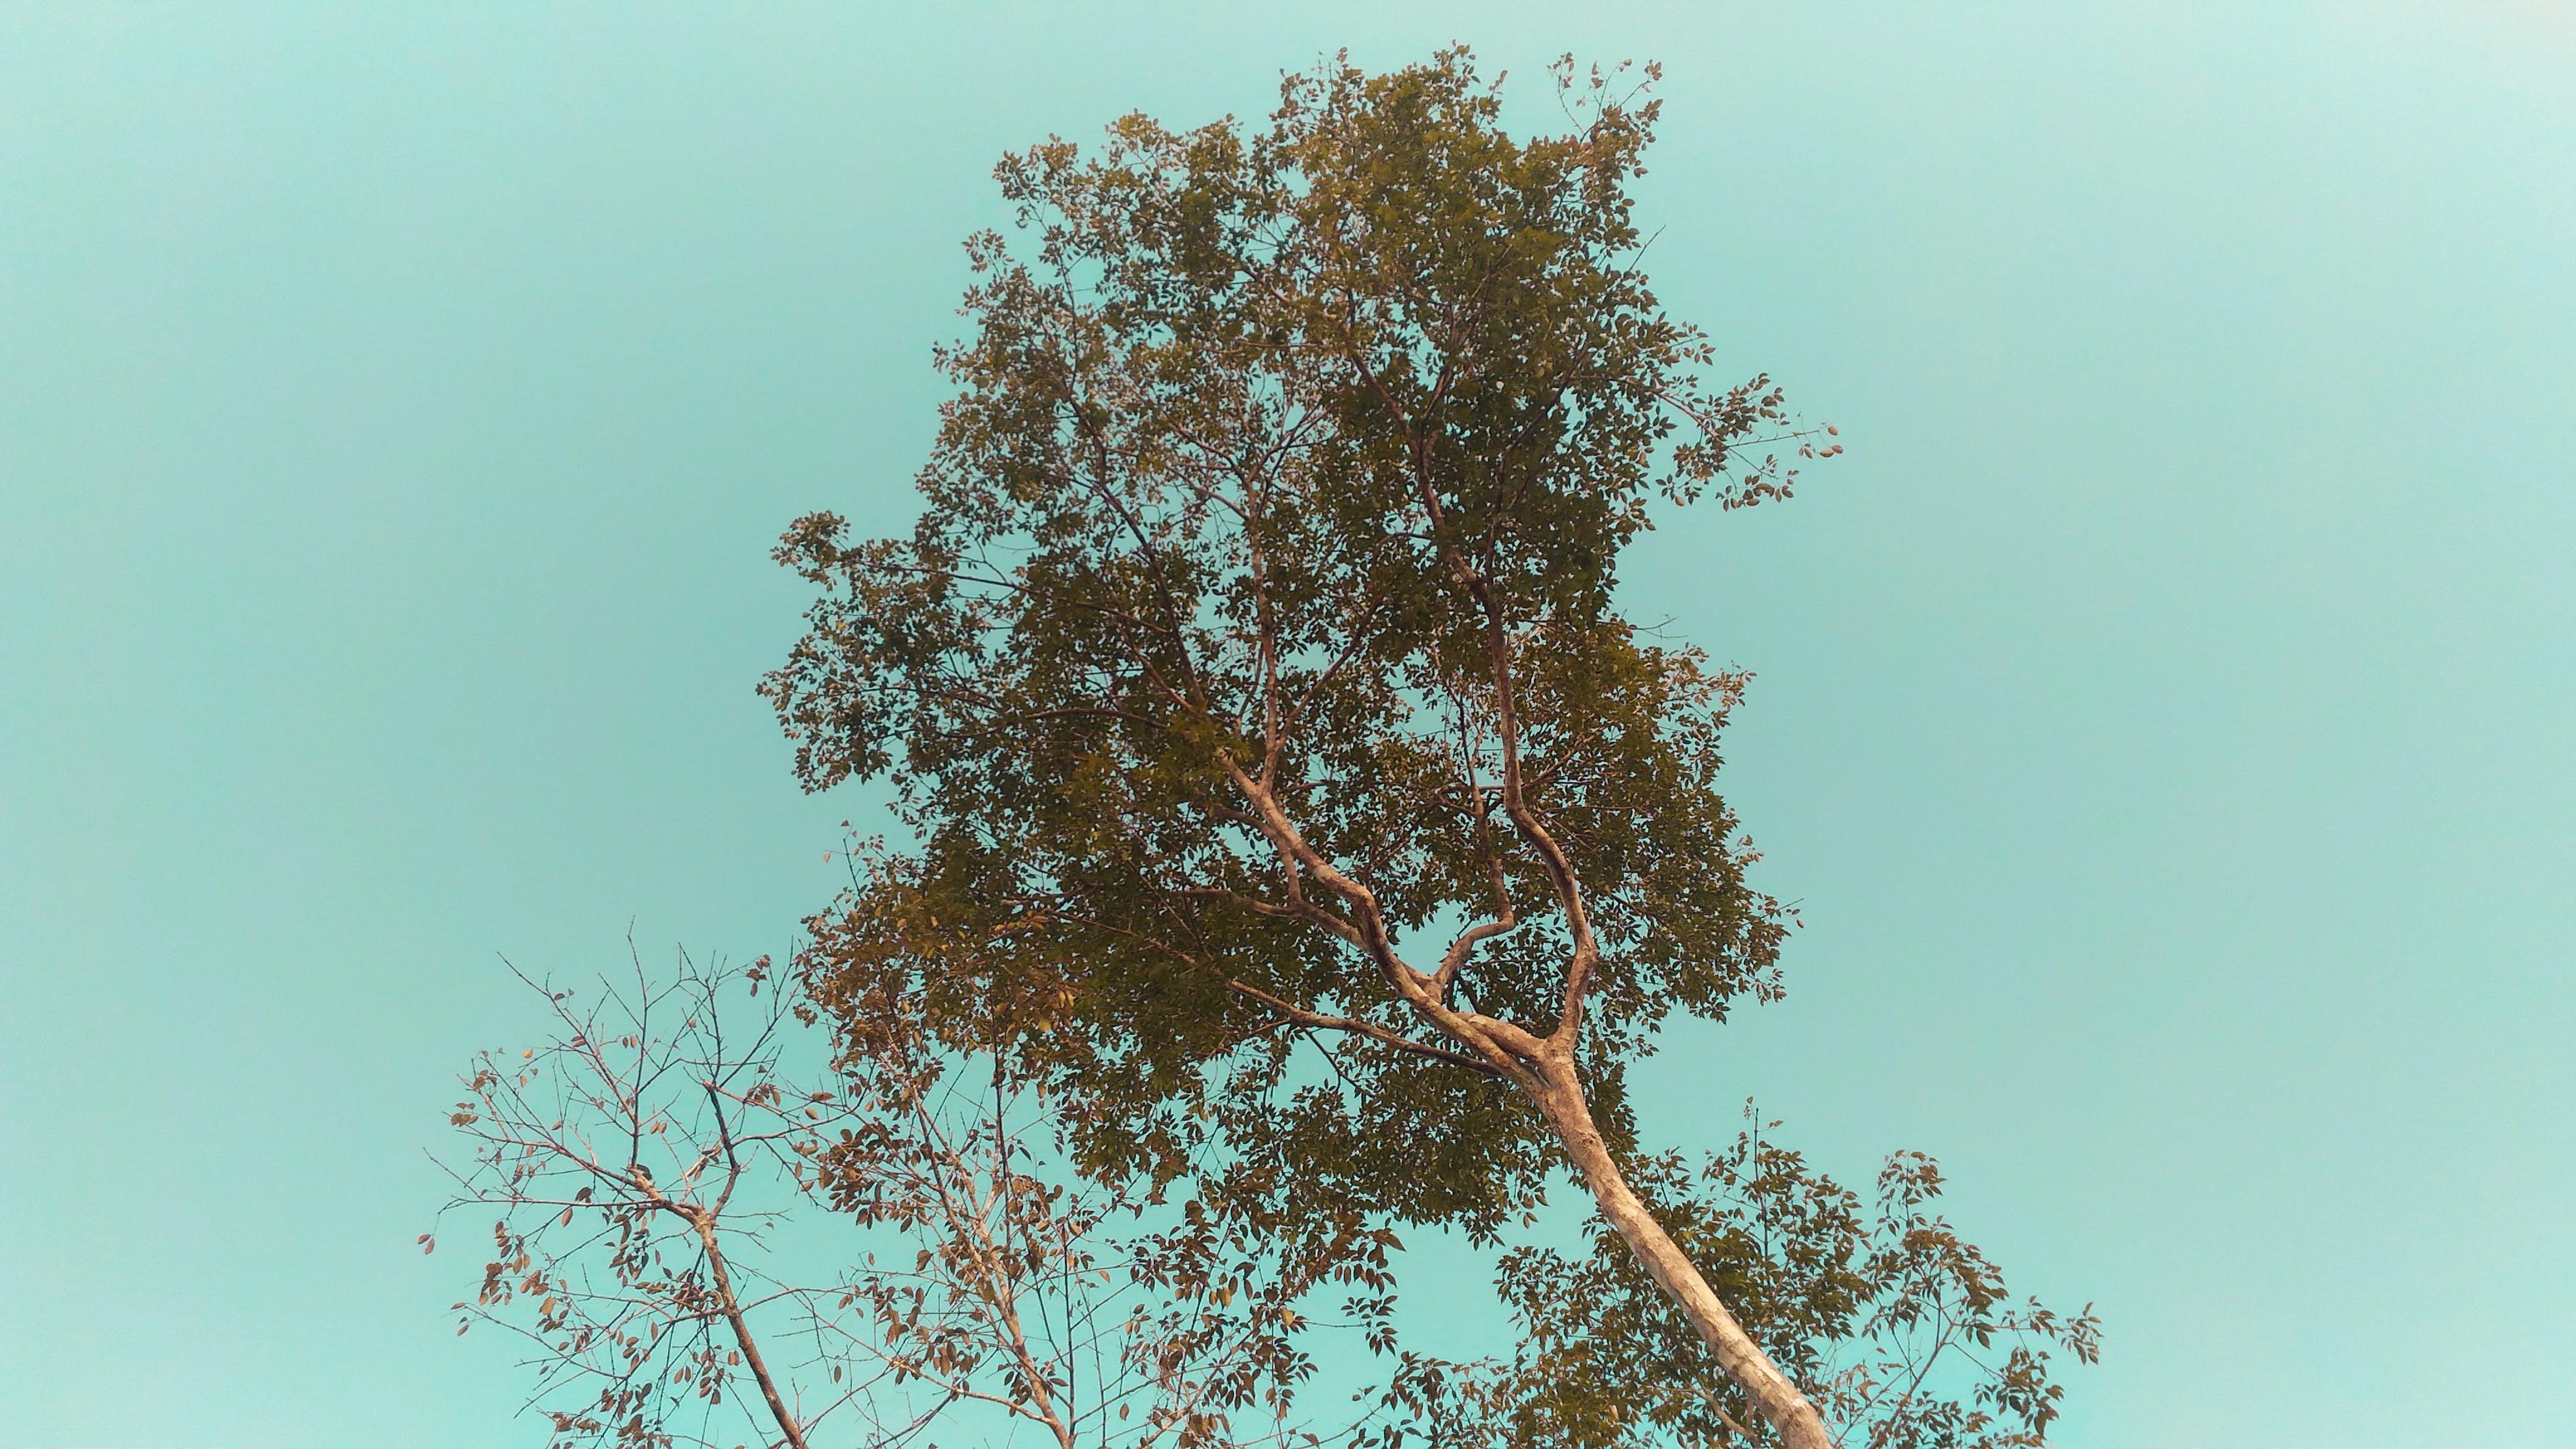 ağaç, ağaç kabuğu, büyüme, dal içeren Ücretsiz stok fotoğraf